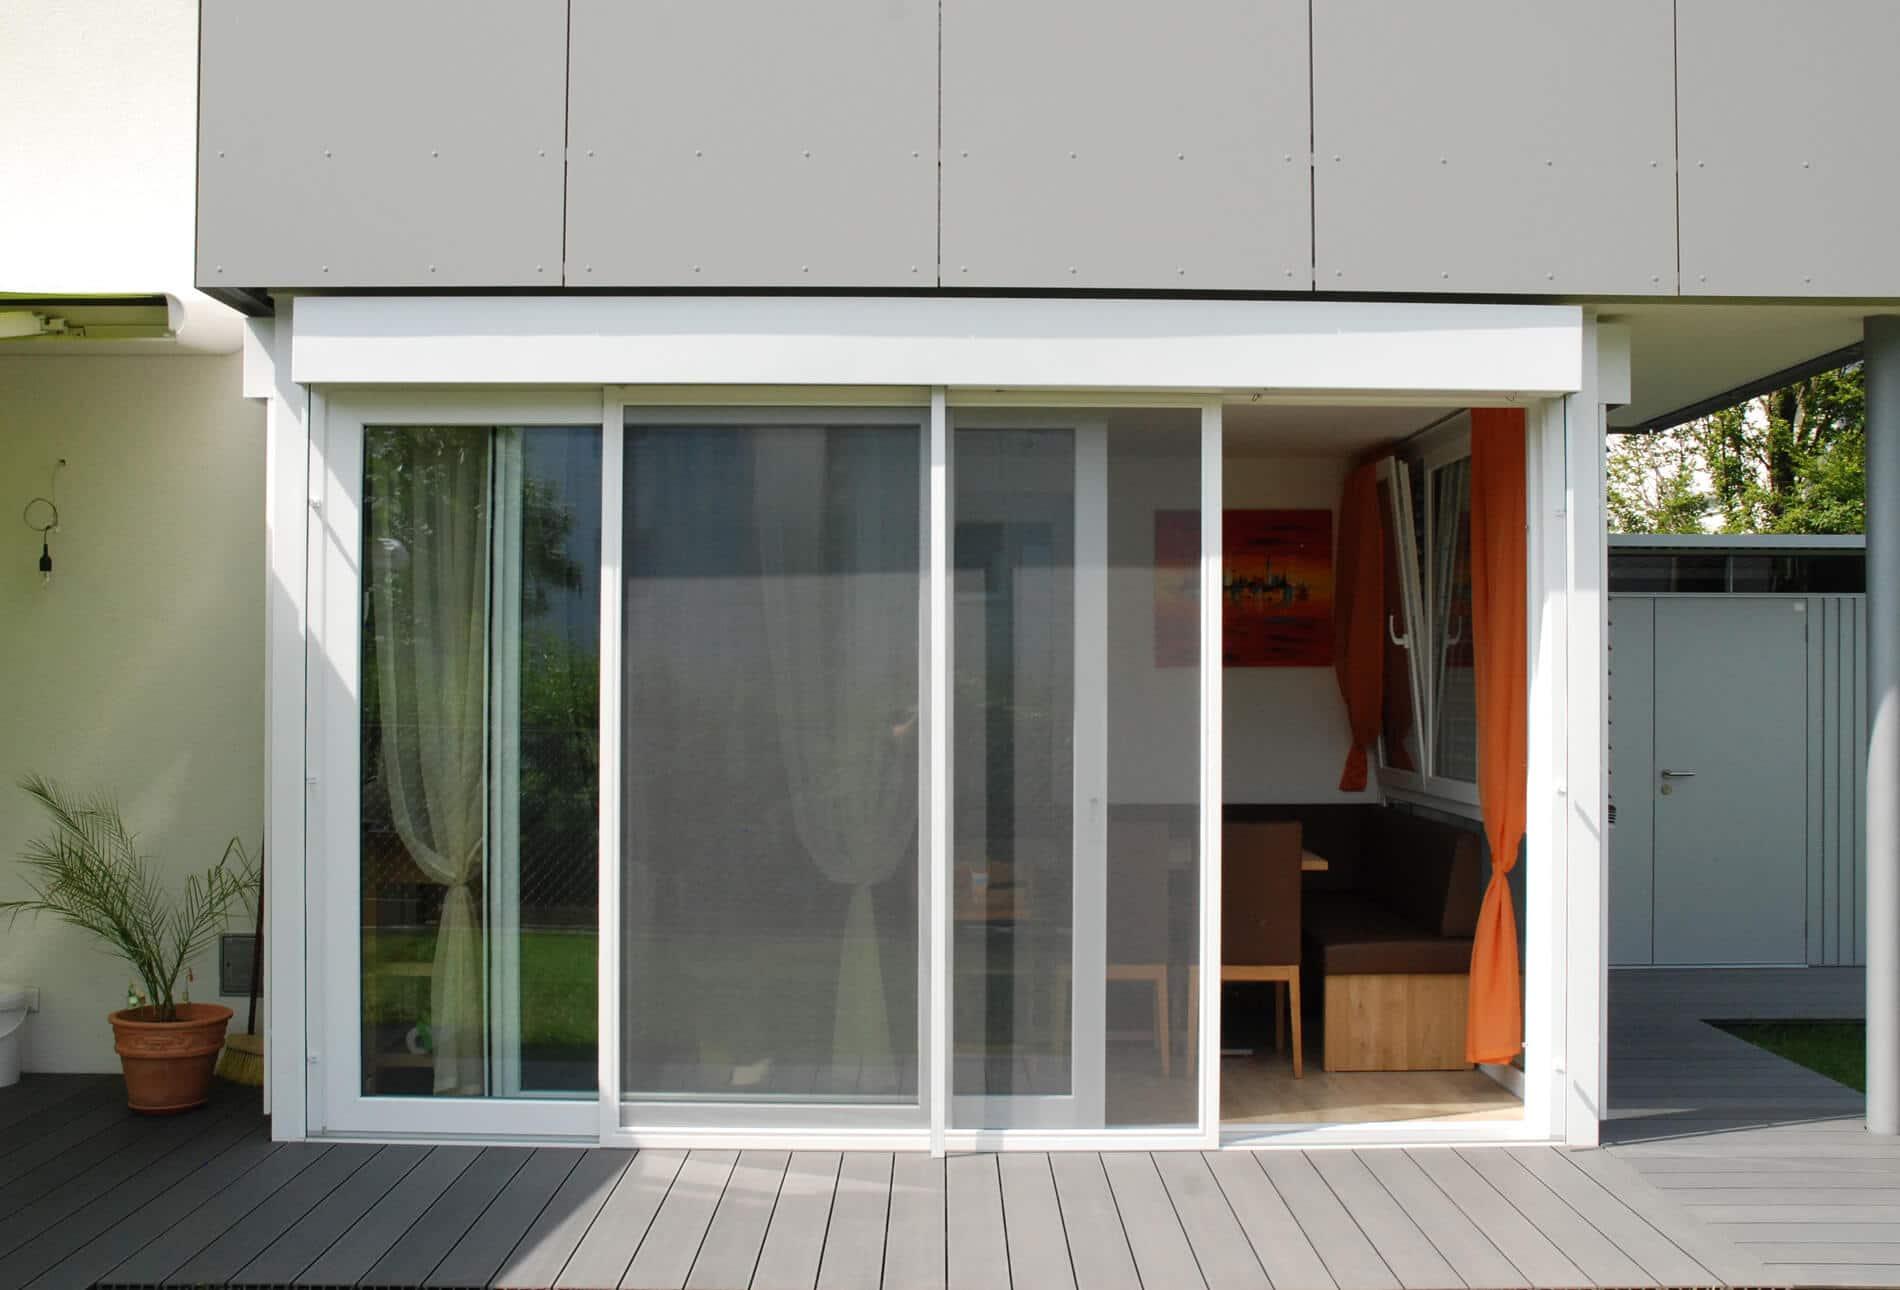 Terrassenverbau Schiebesystem Kunststoff